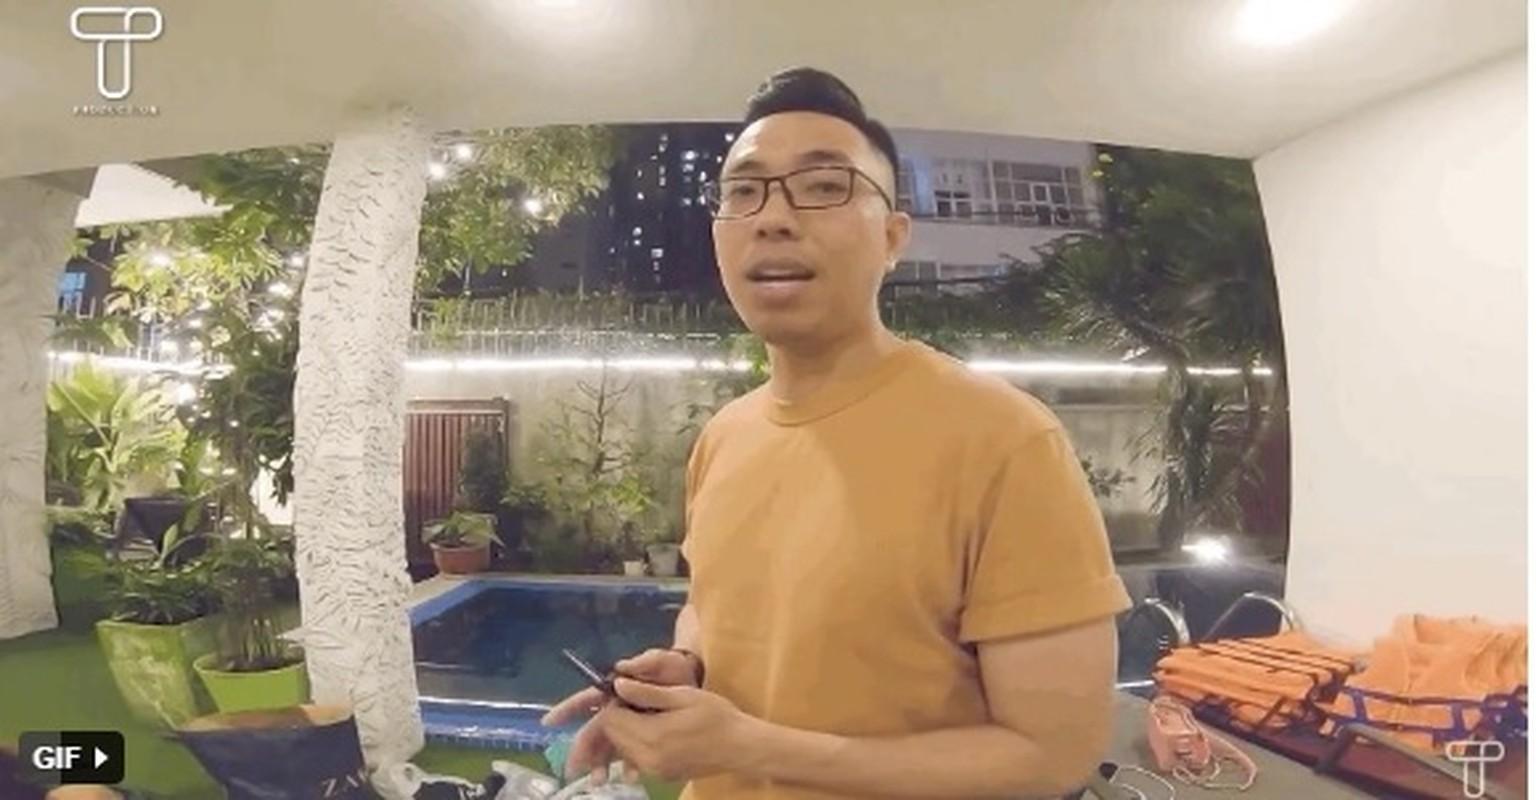 He lo khong gian ben trong biet thu moi xay cua Ha Ho - Kim Ly-Hinh-4